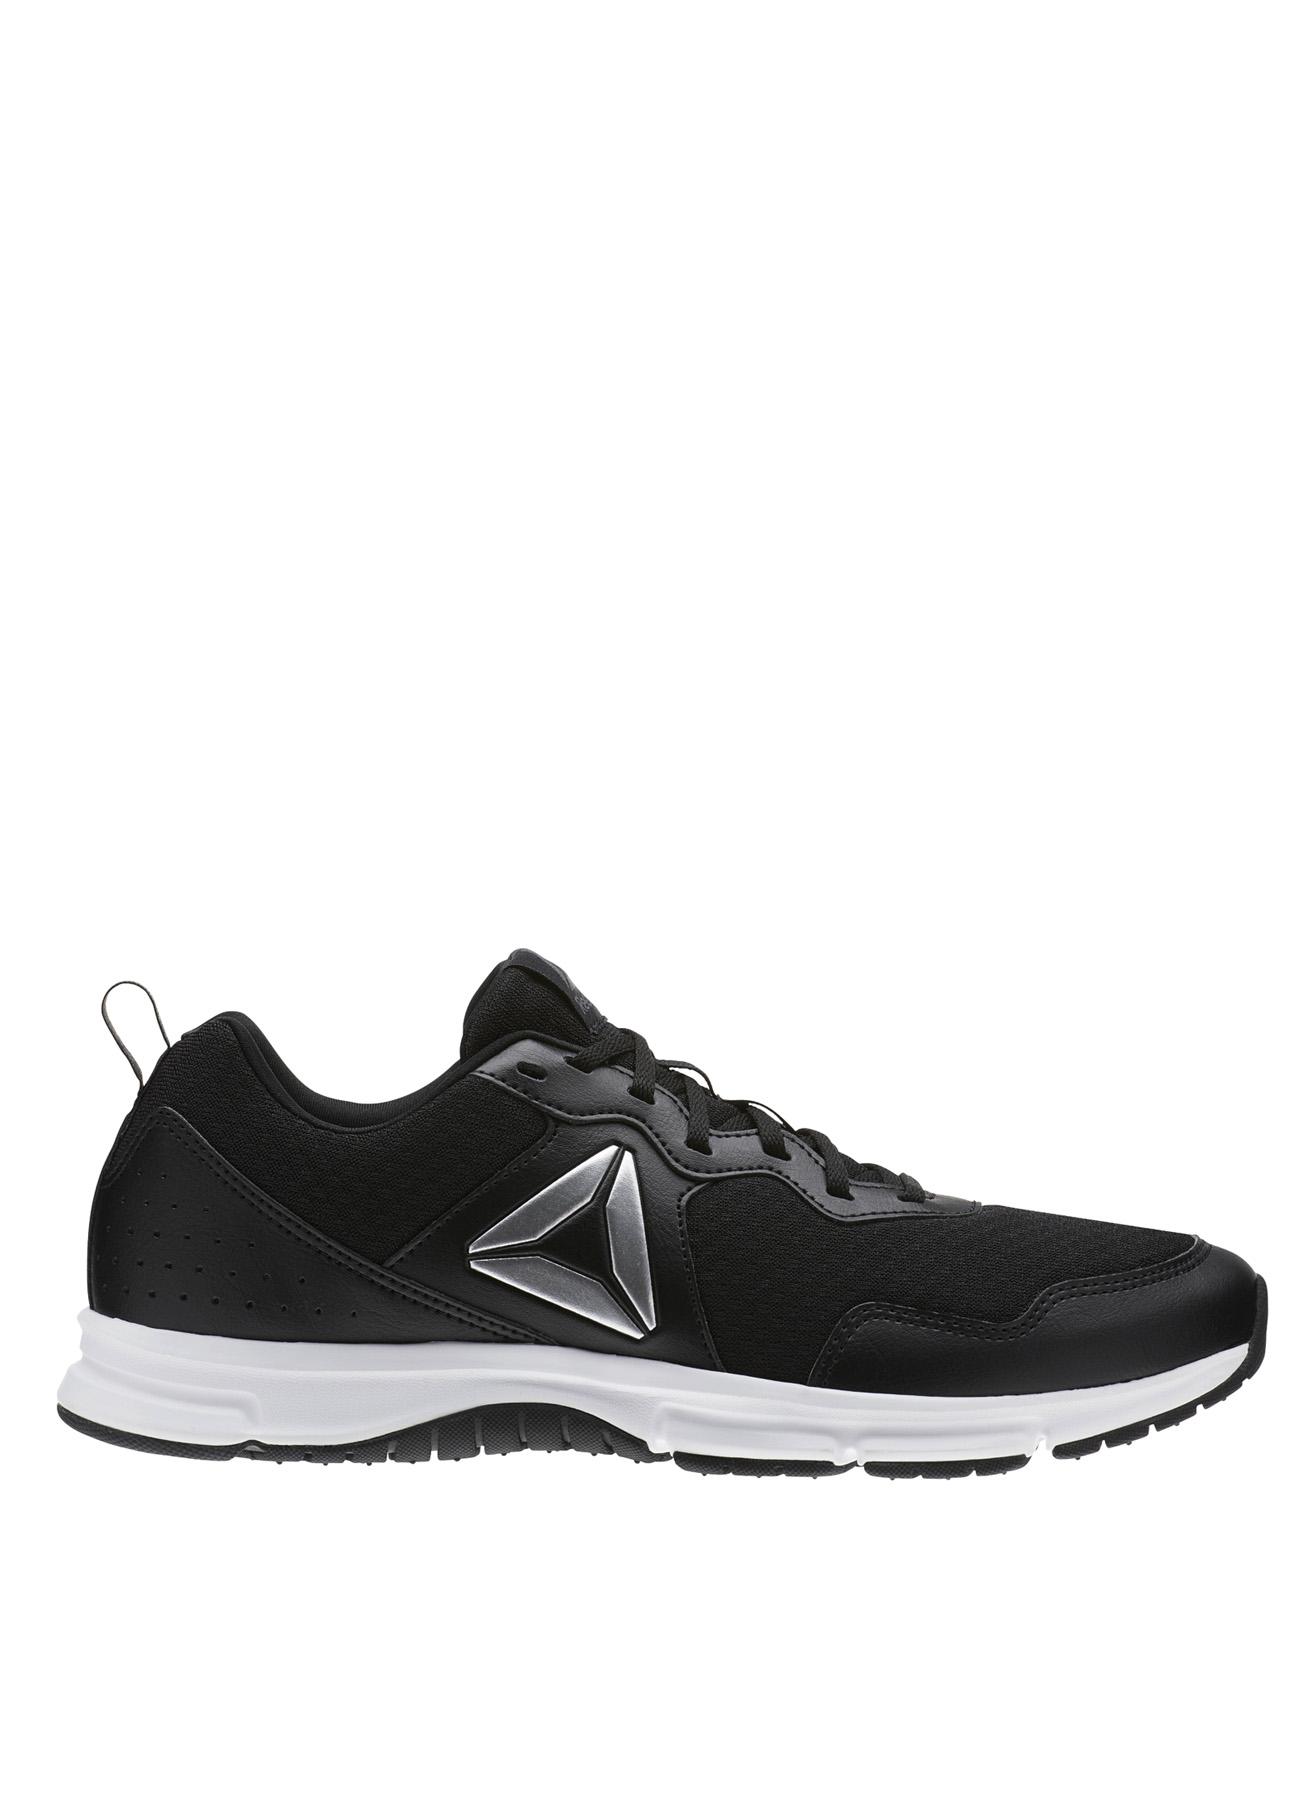 Reebok Express Runner 2.0 Koşu Ayakkabısı 41 5001633206004 Ürün Resmi